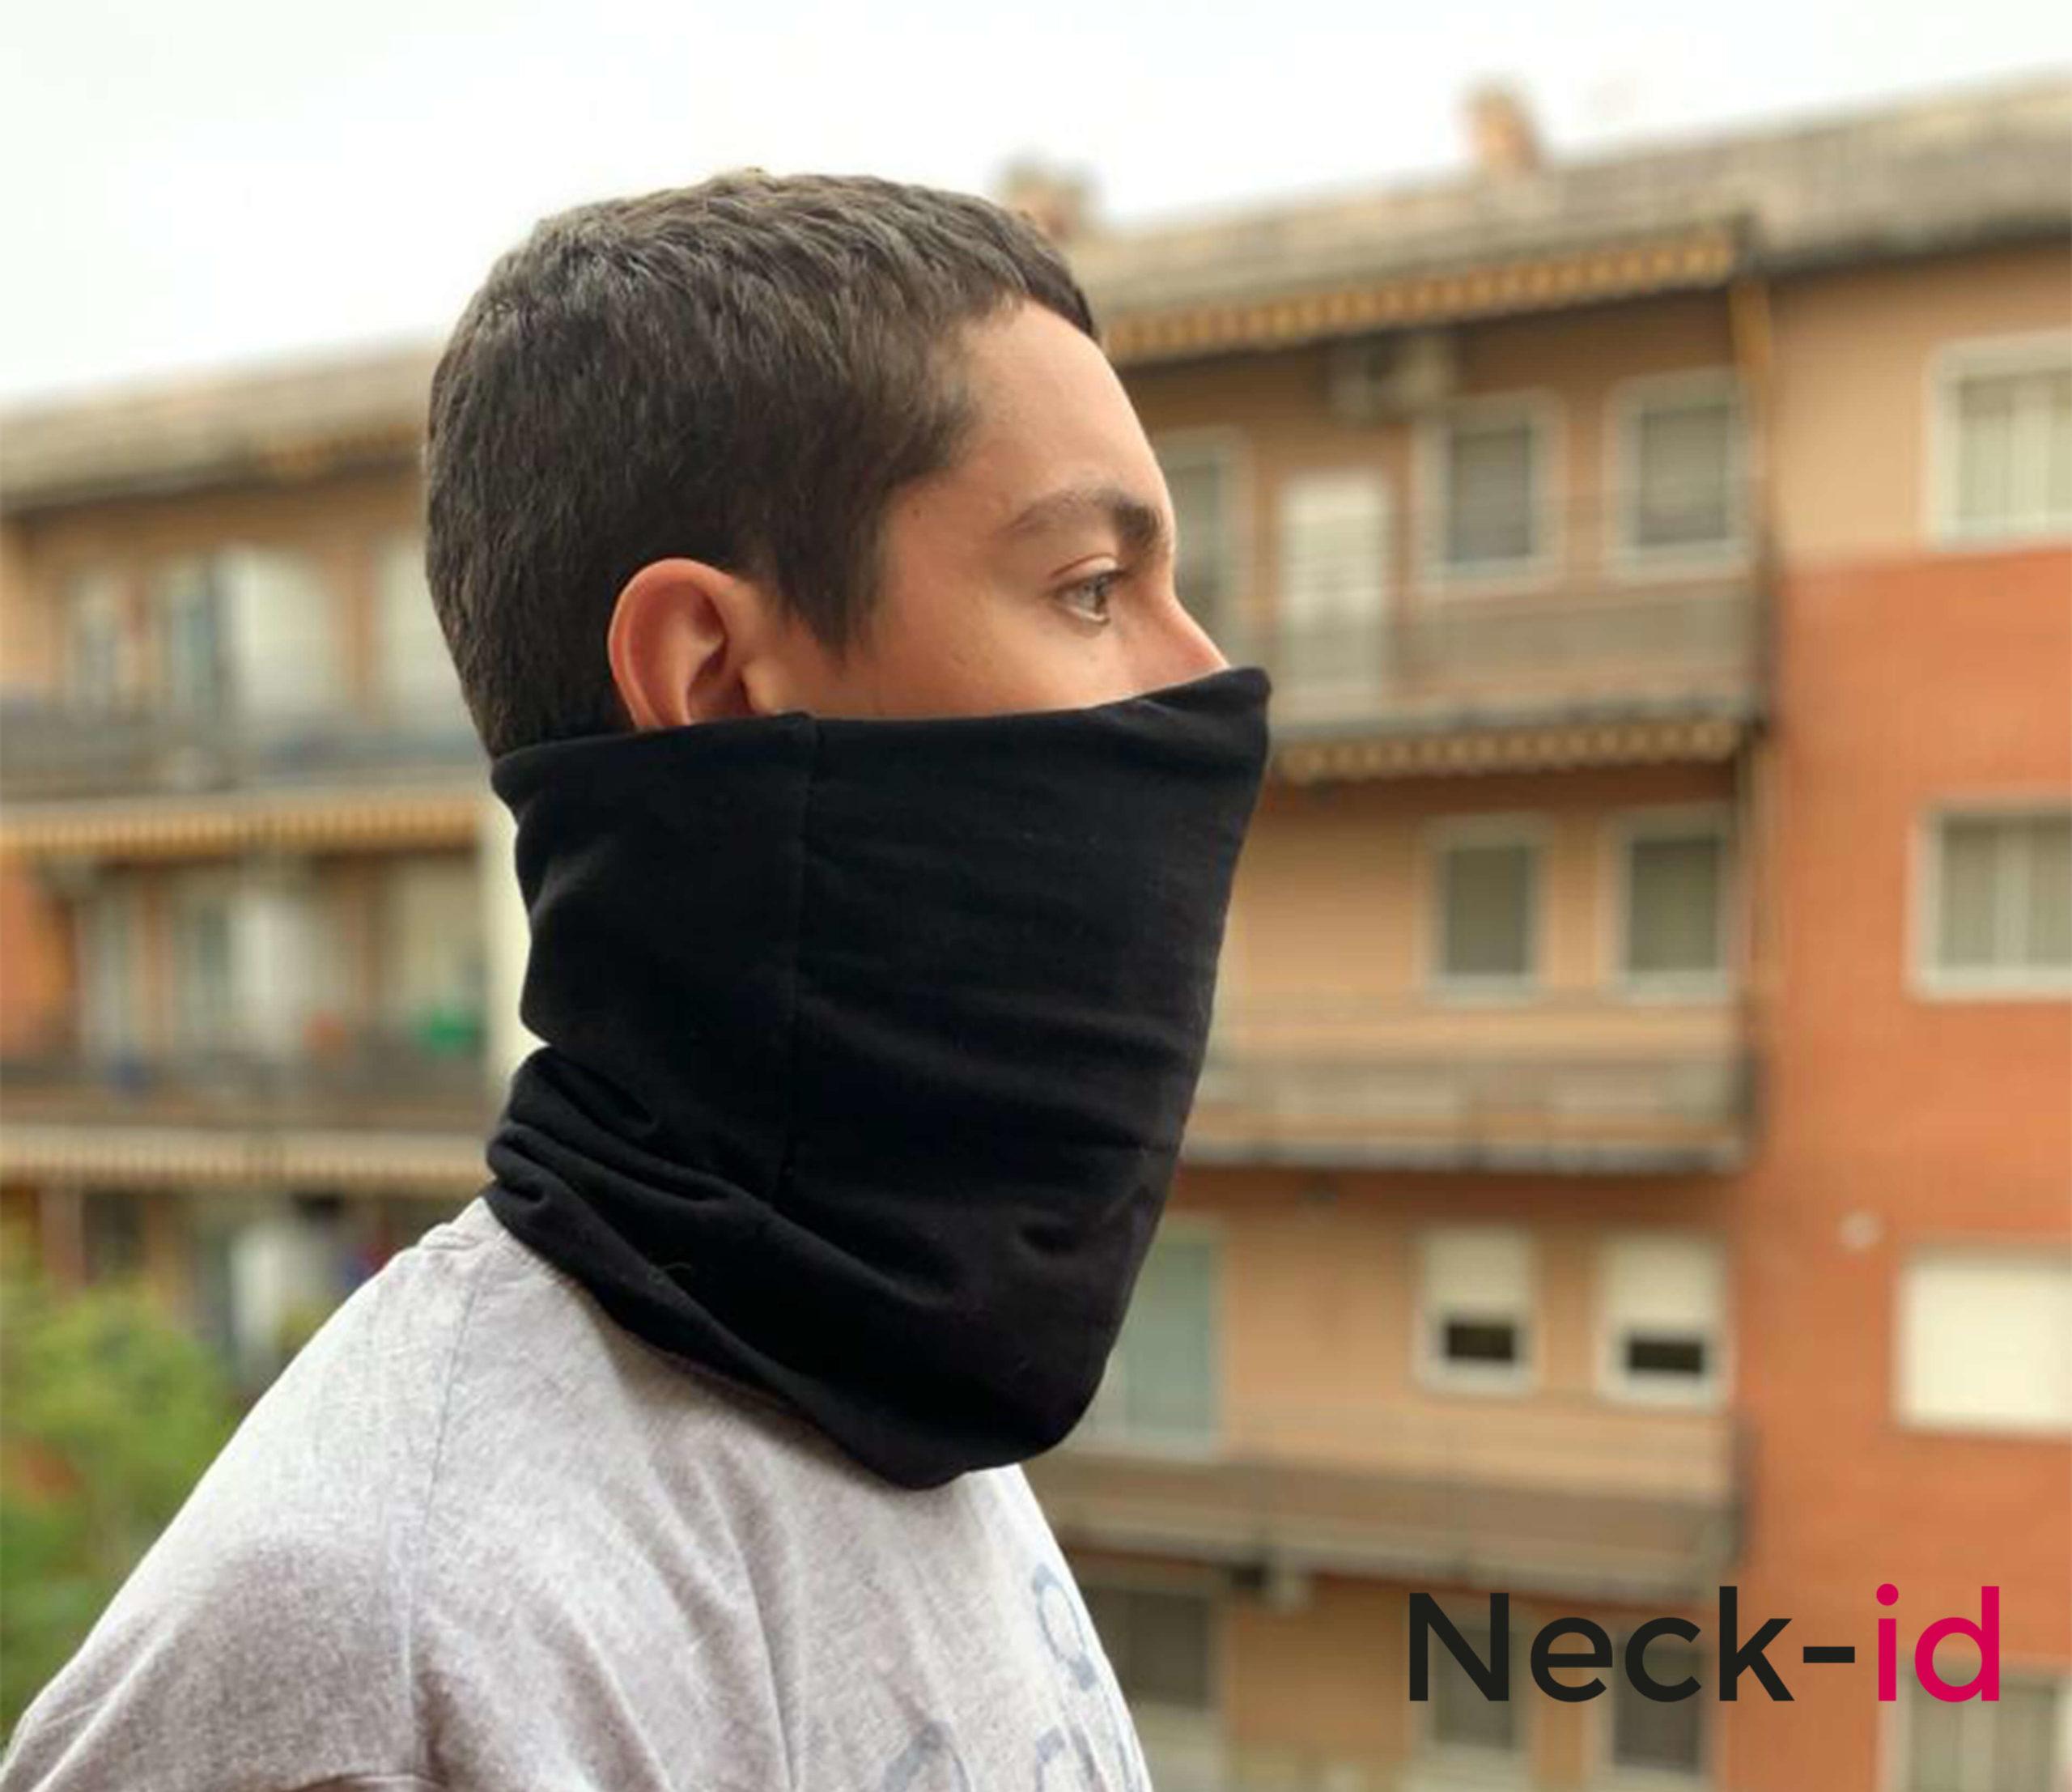 Neck-id solución frente al frío y el contagio